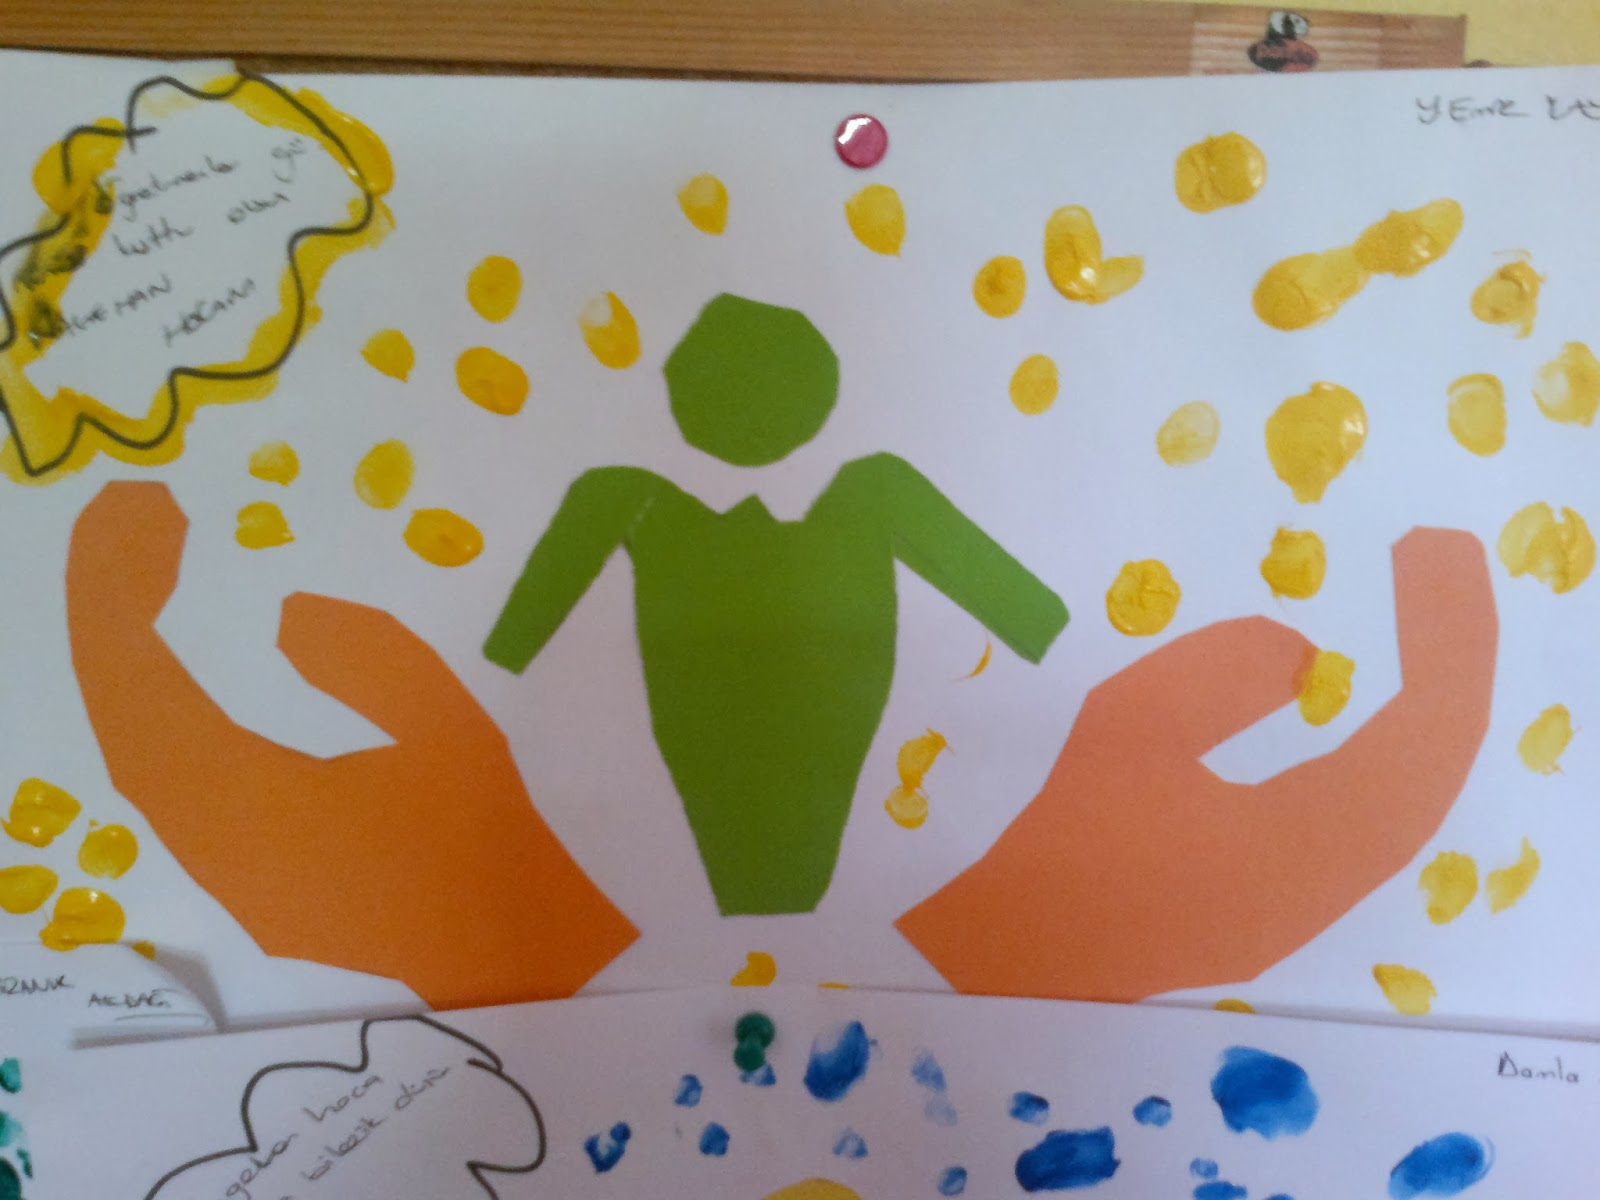 Öğretmenler günü parmak baskısı ve öğretmene duygular